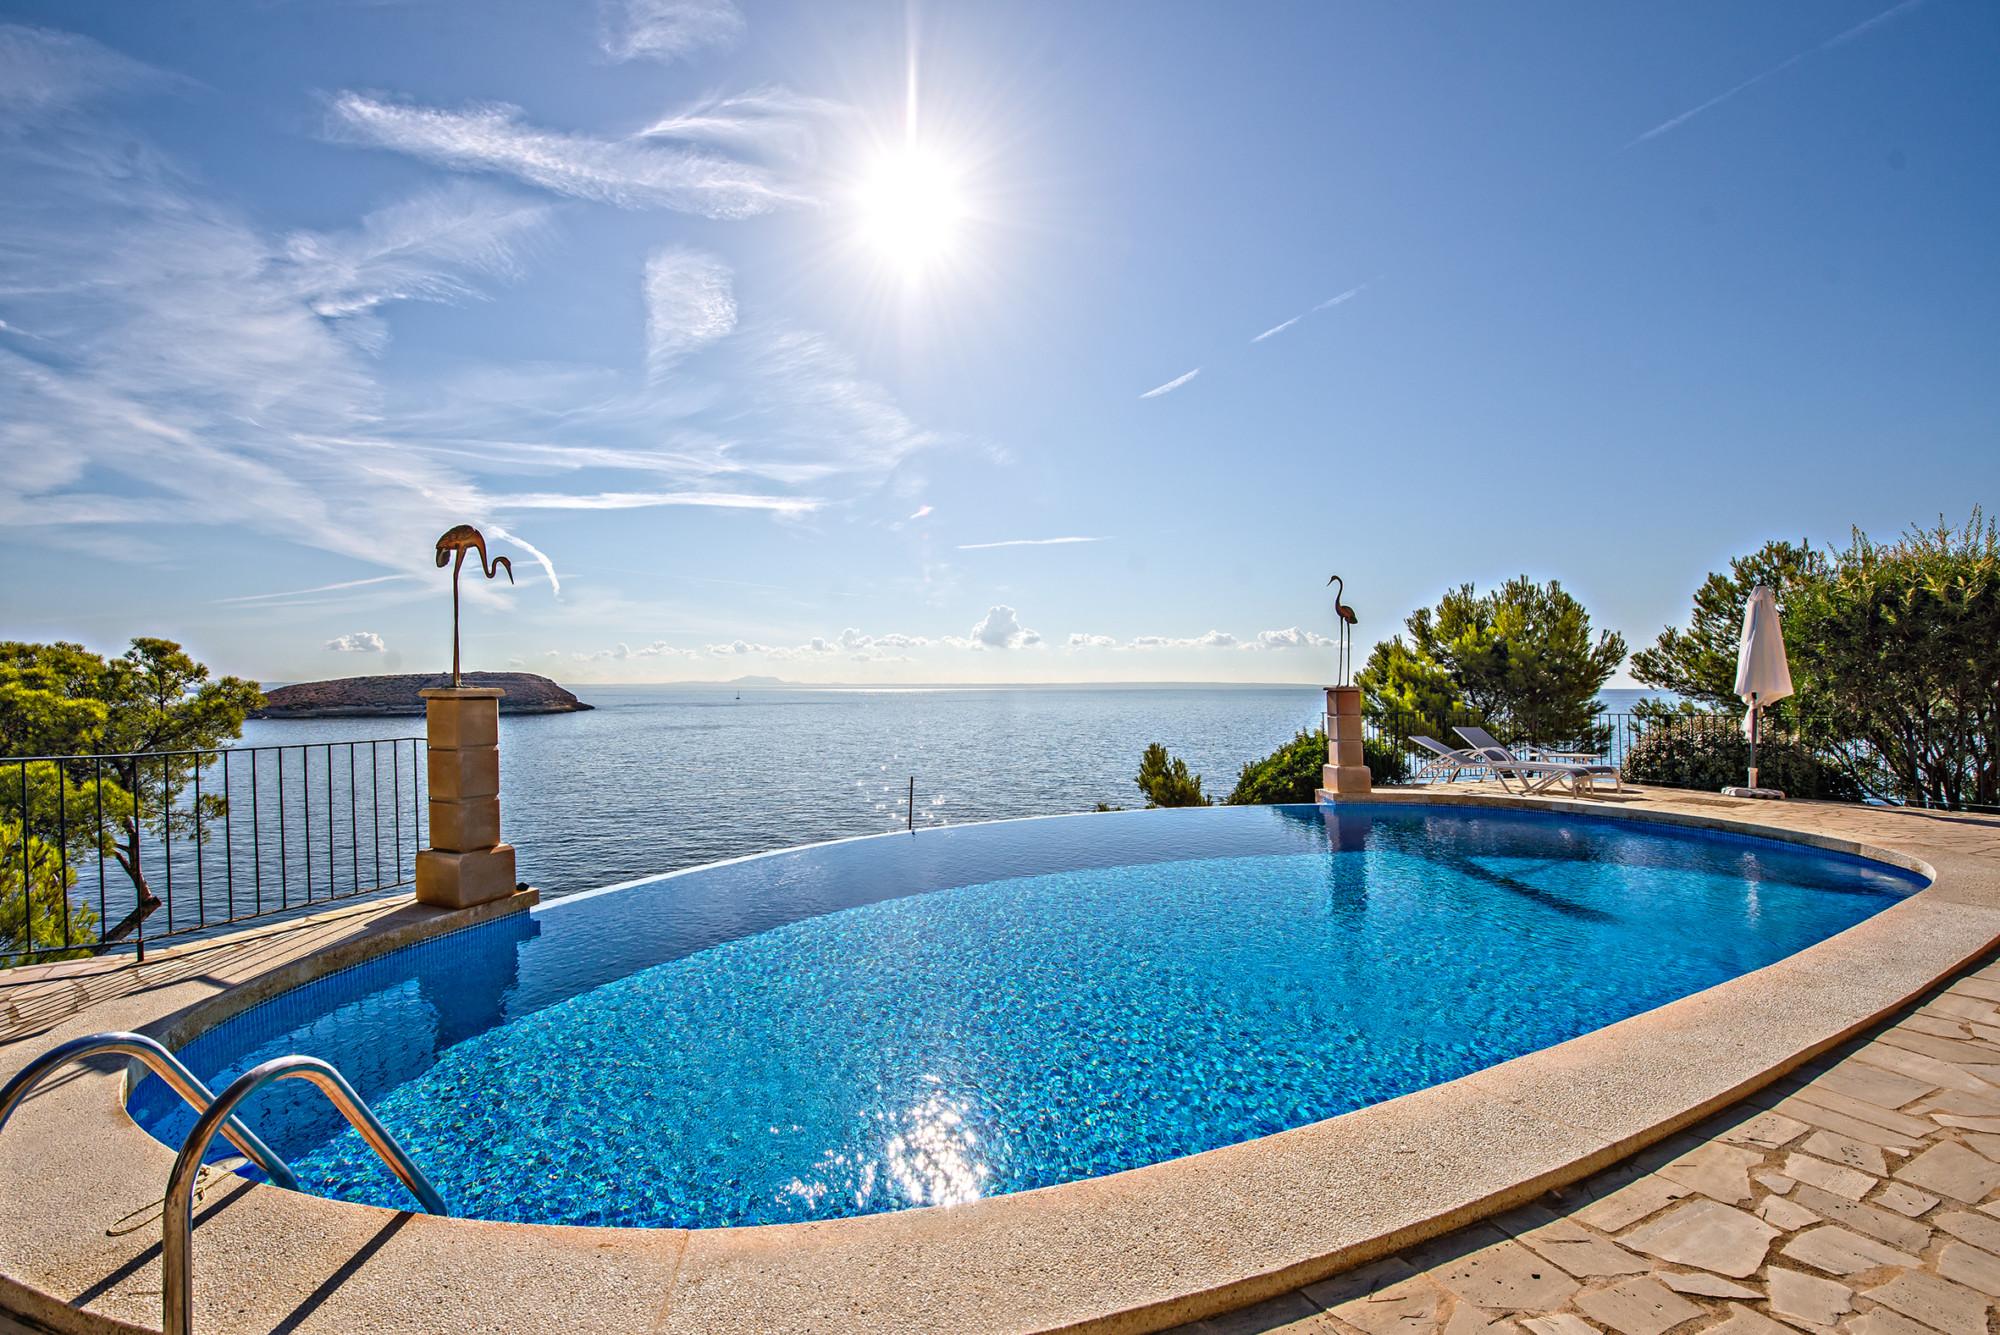 Pool-Terrasse-Mallorca-Meerblick-1.-Meereslinie-Investment